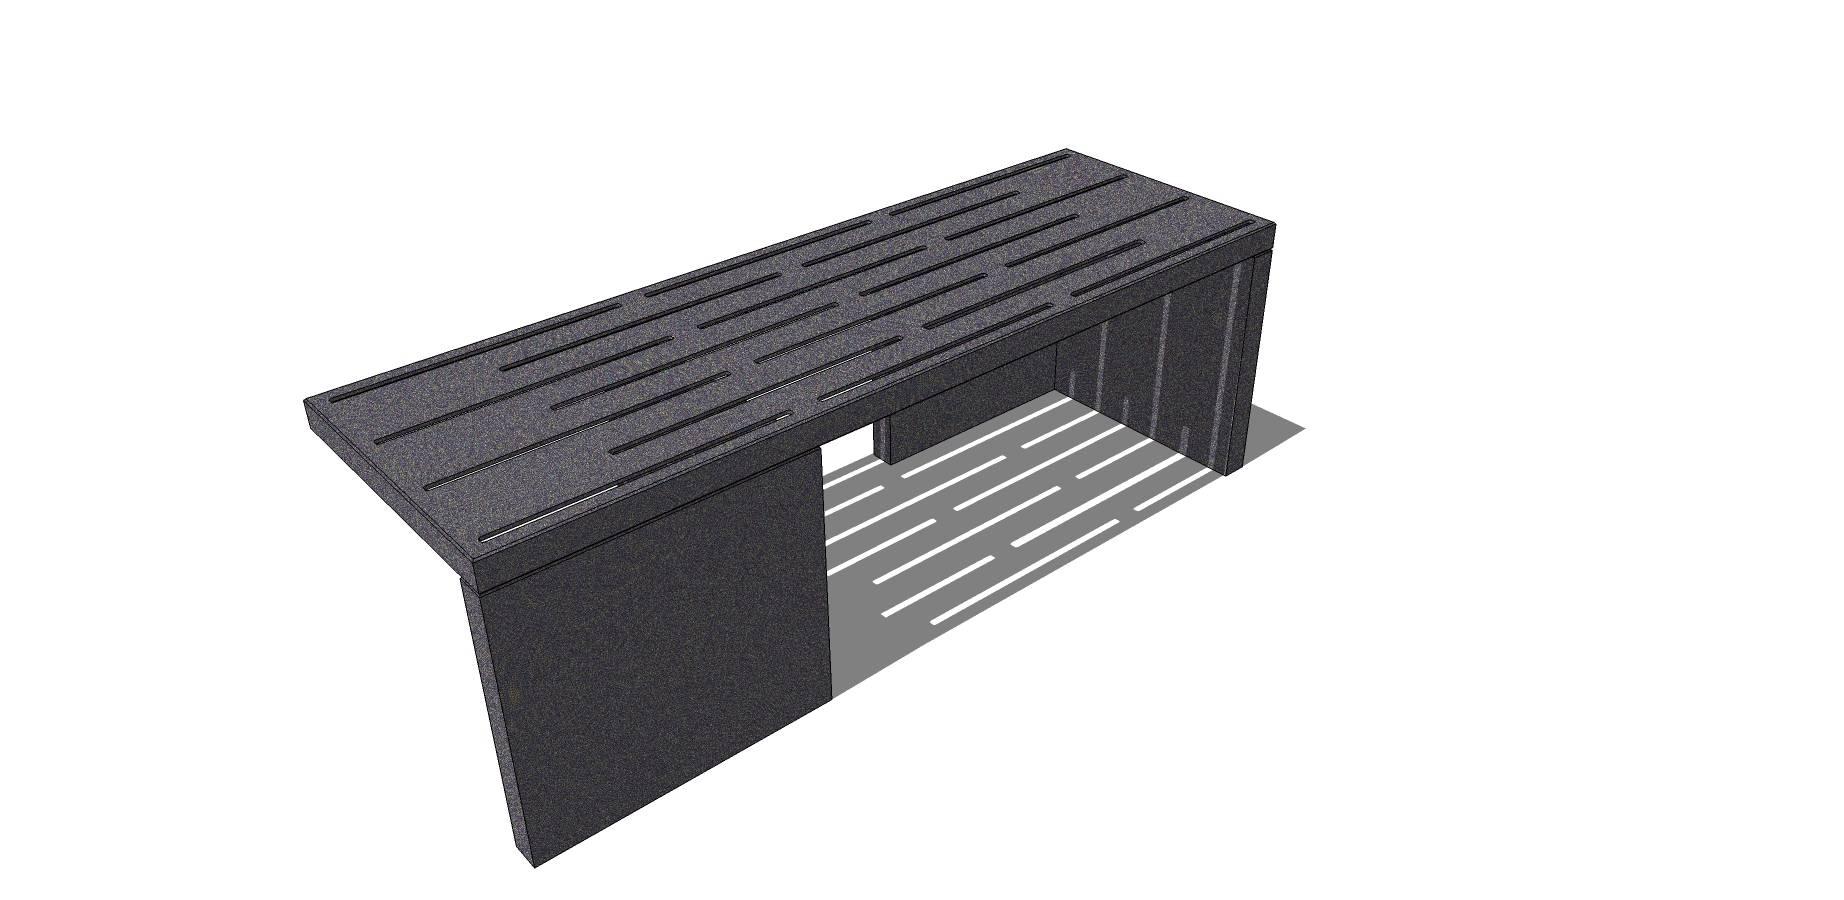 现代简约灰色户外石质坐凳模型